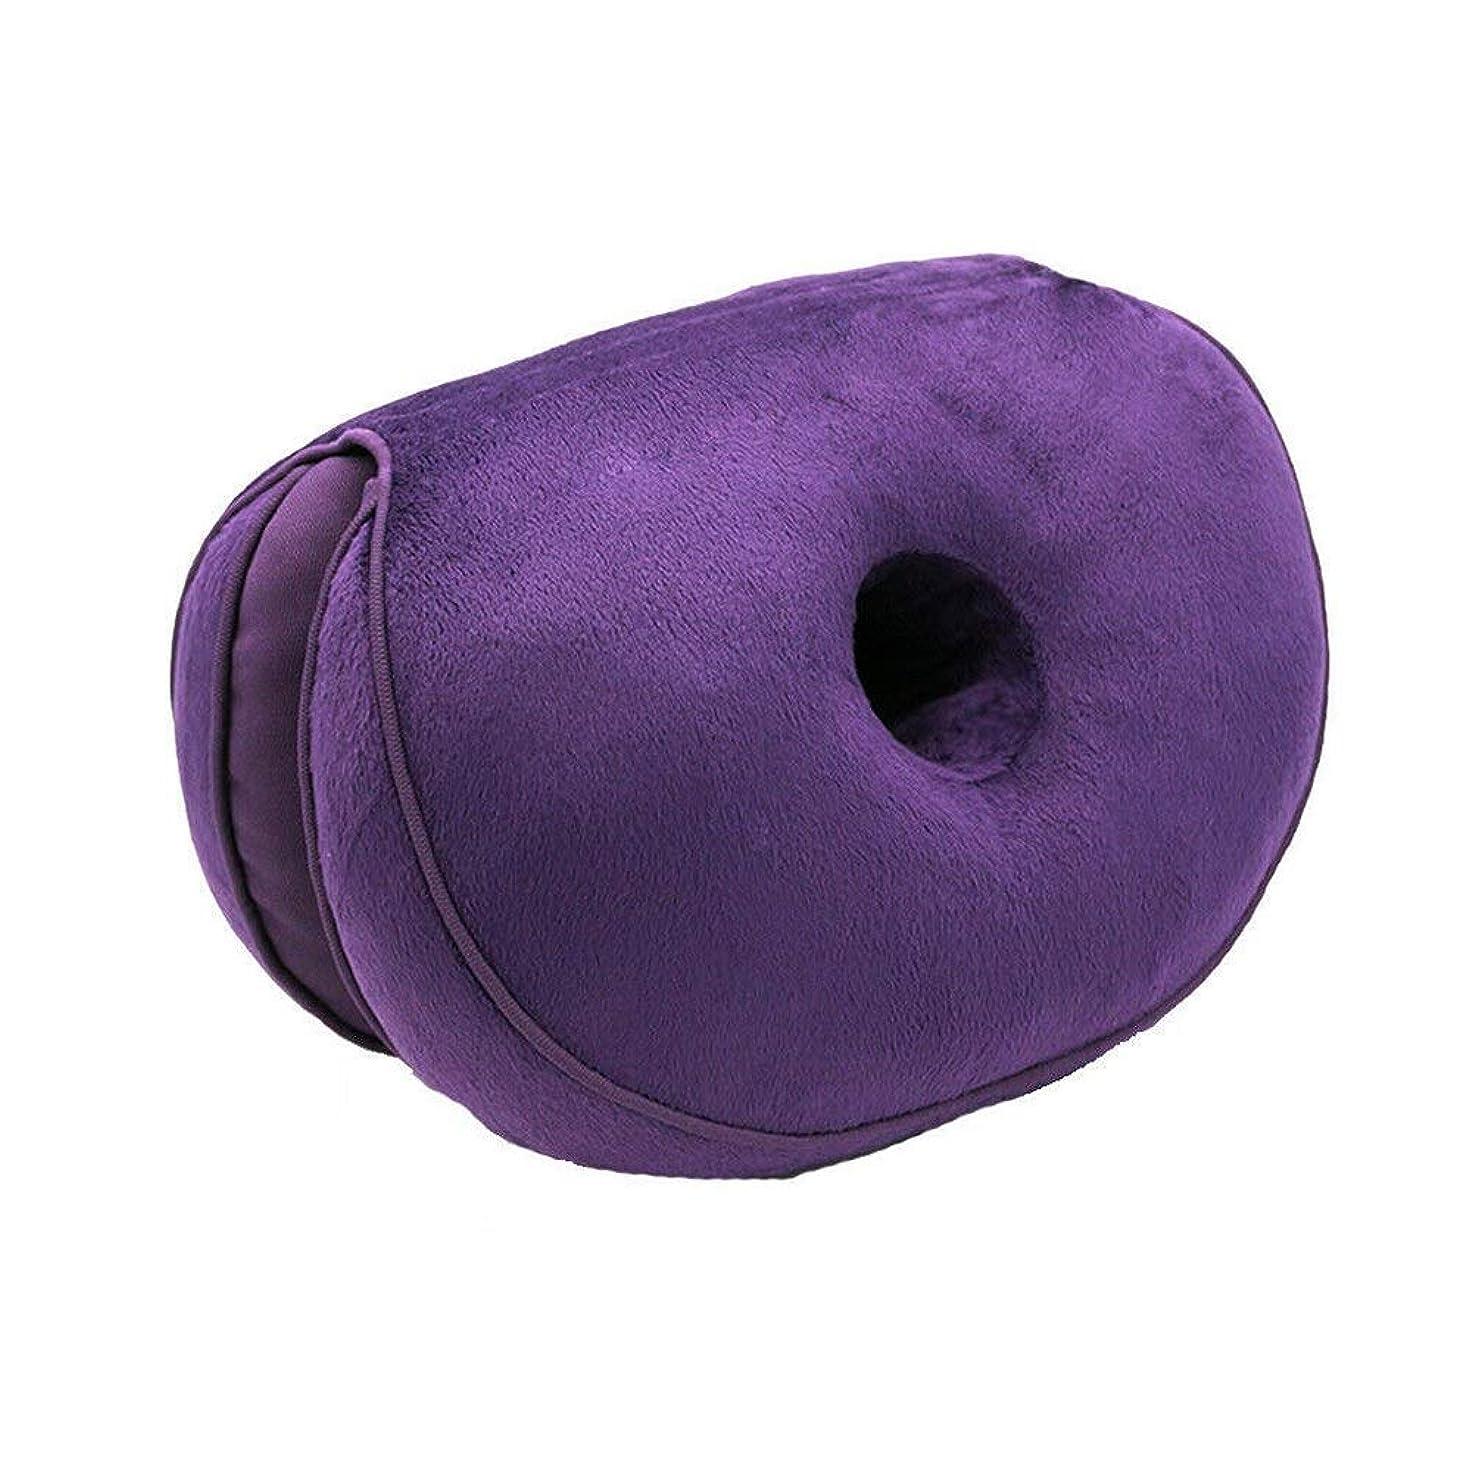 感謝緩やかなペルーLIFE 新デュアルシートクッション低反発ラテックスオフィスチェアバックシートクッション快適な臀部マットパッド枕旅行枕女性女の子 クッション 椅子